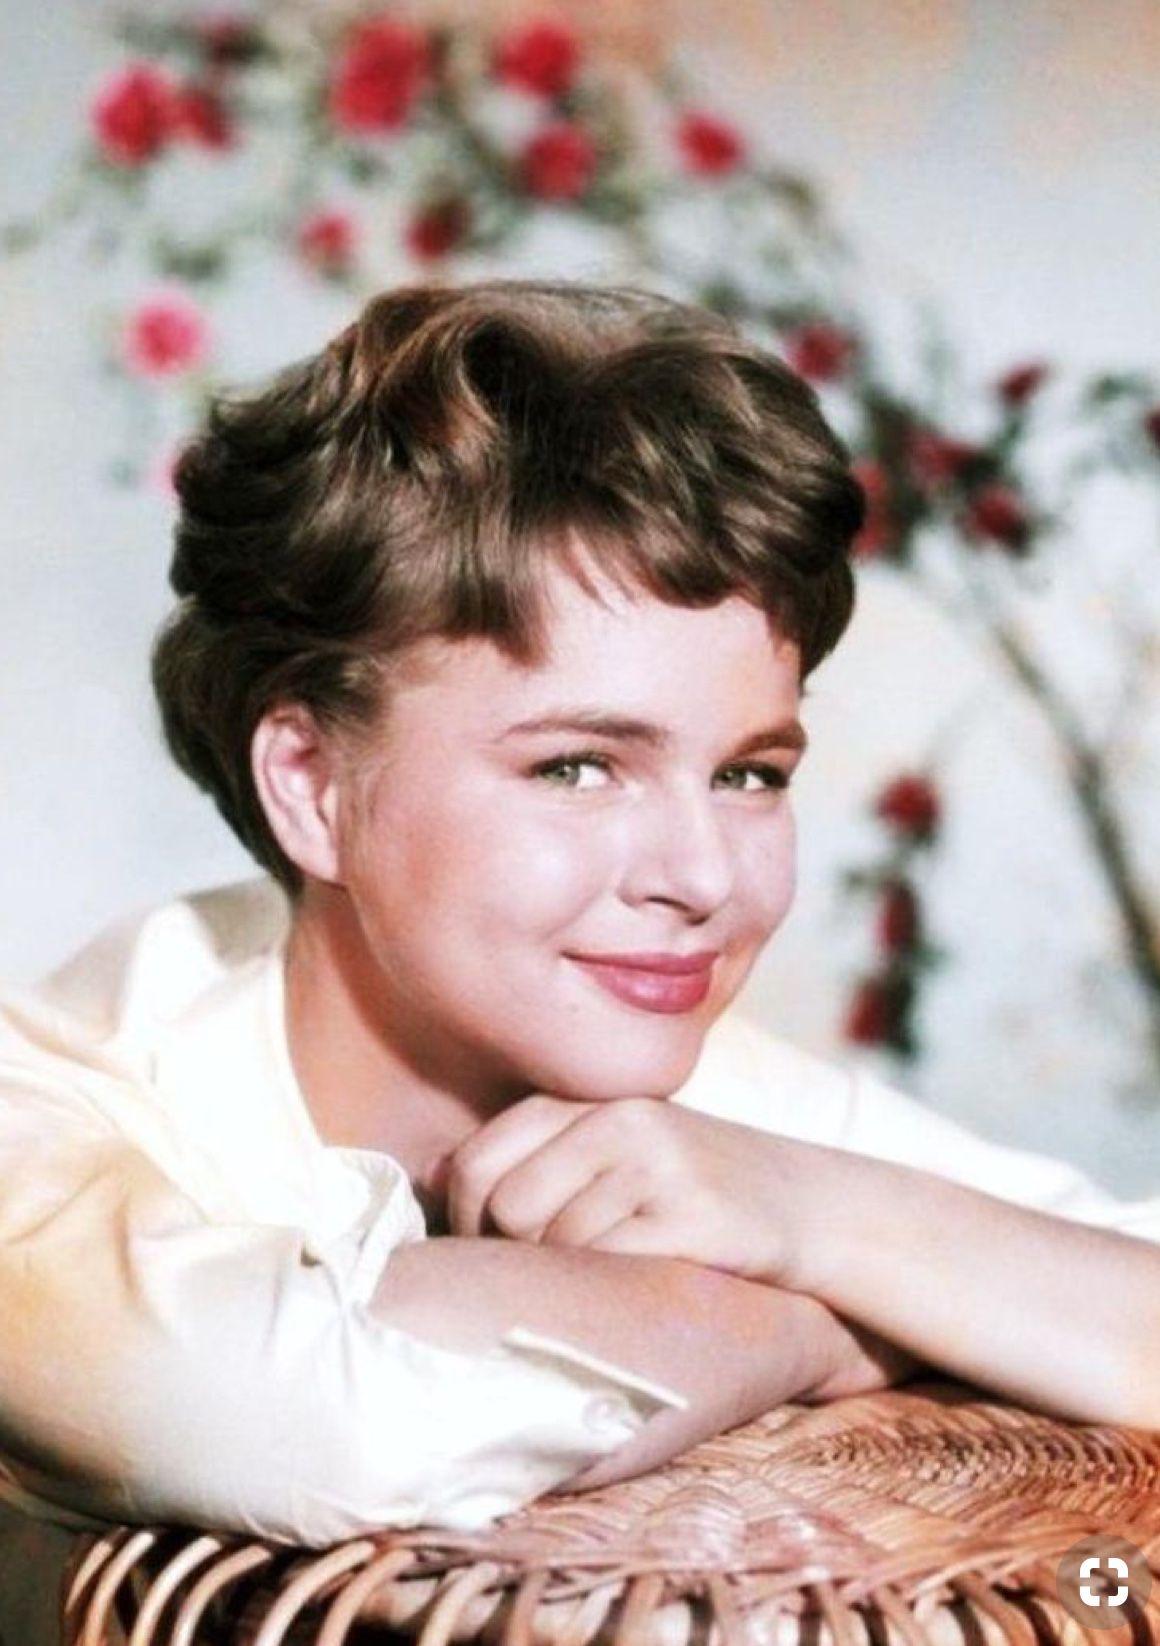 Cornelia Froboess 28 Oktober 1943 In Wriezen In Fruhen Phasen Ihrer Karriere Zunachst Auch Bekannt Als Die Deutsche Schauspieler Darstellerin Alte Filme